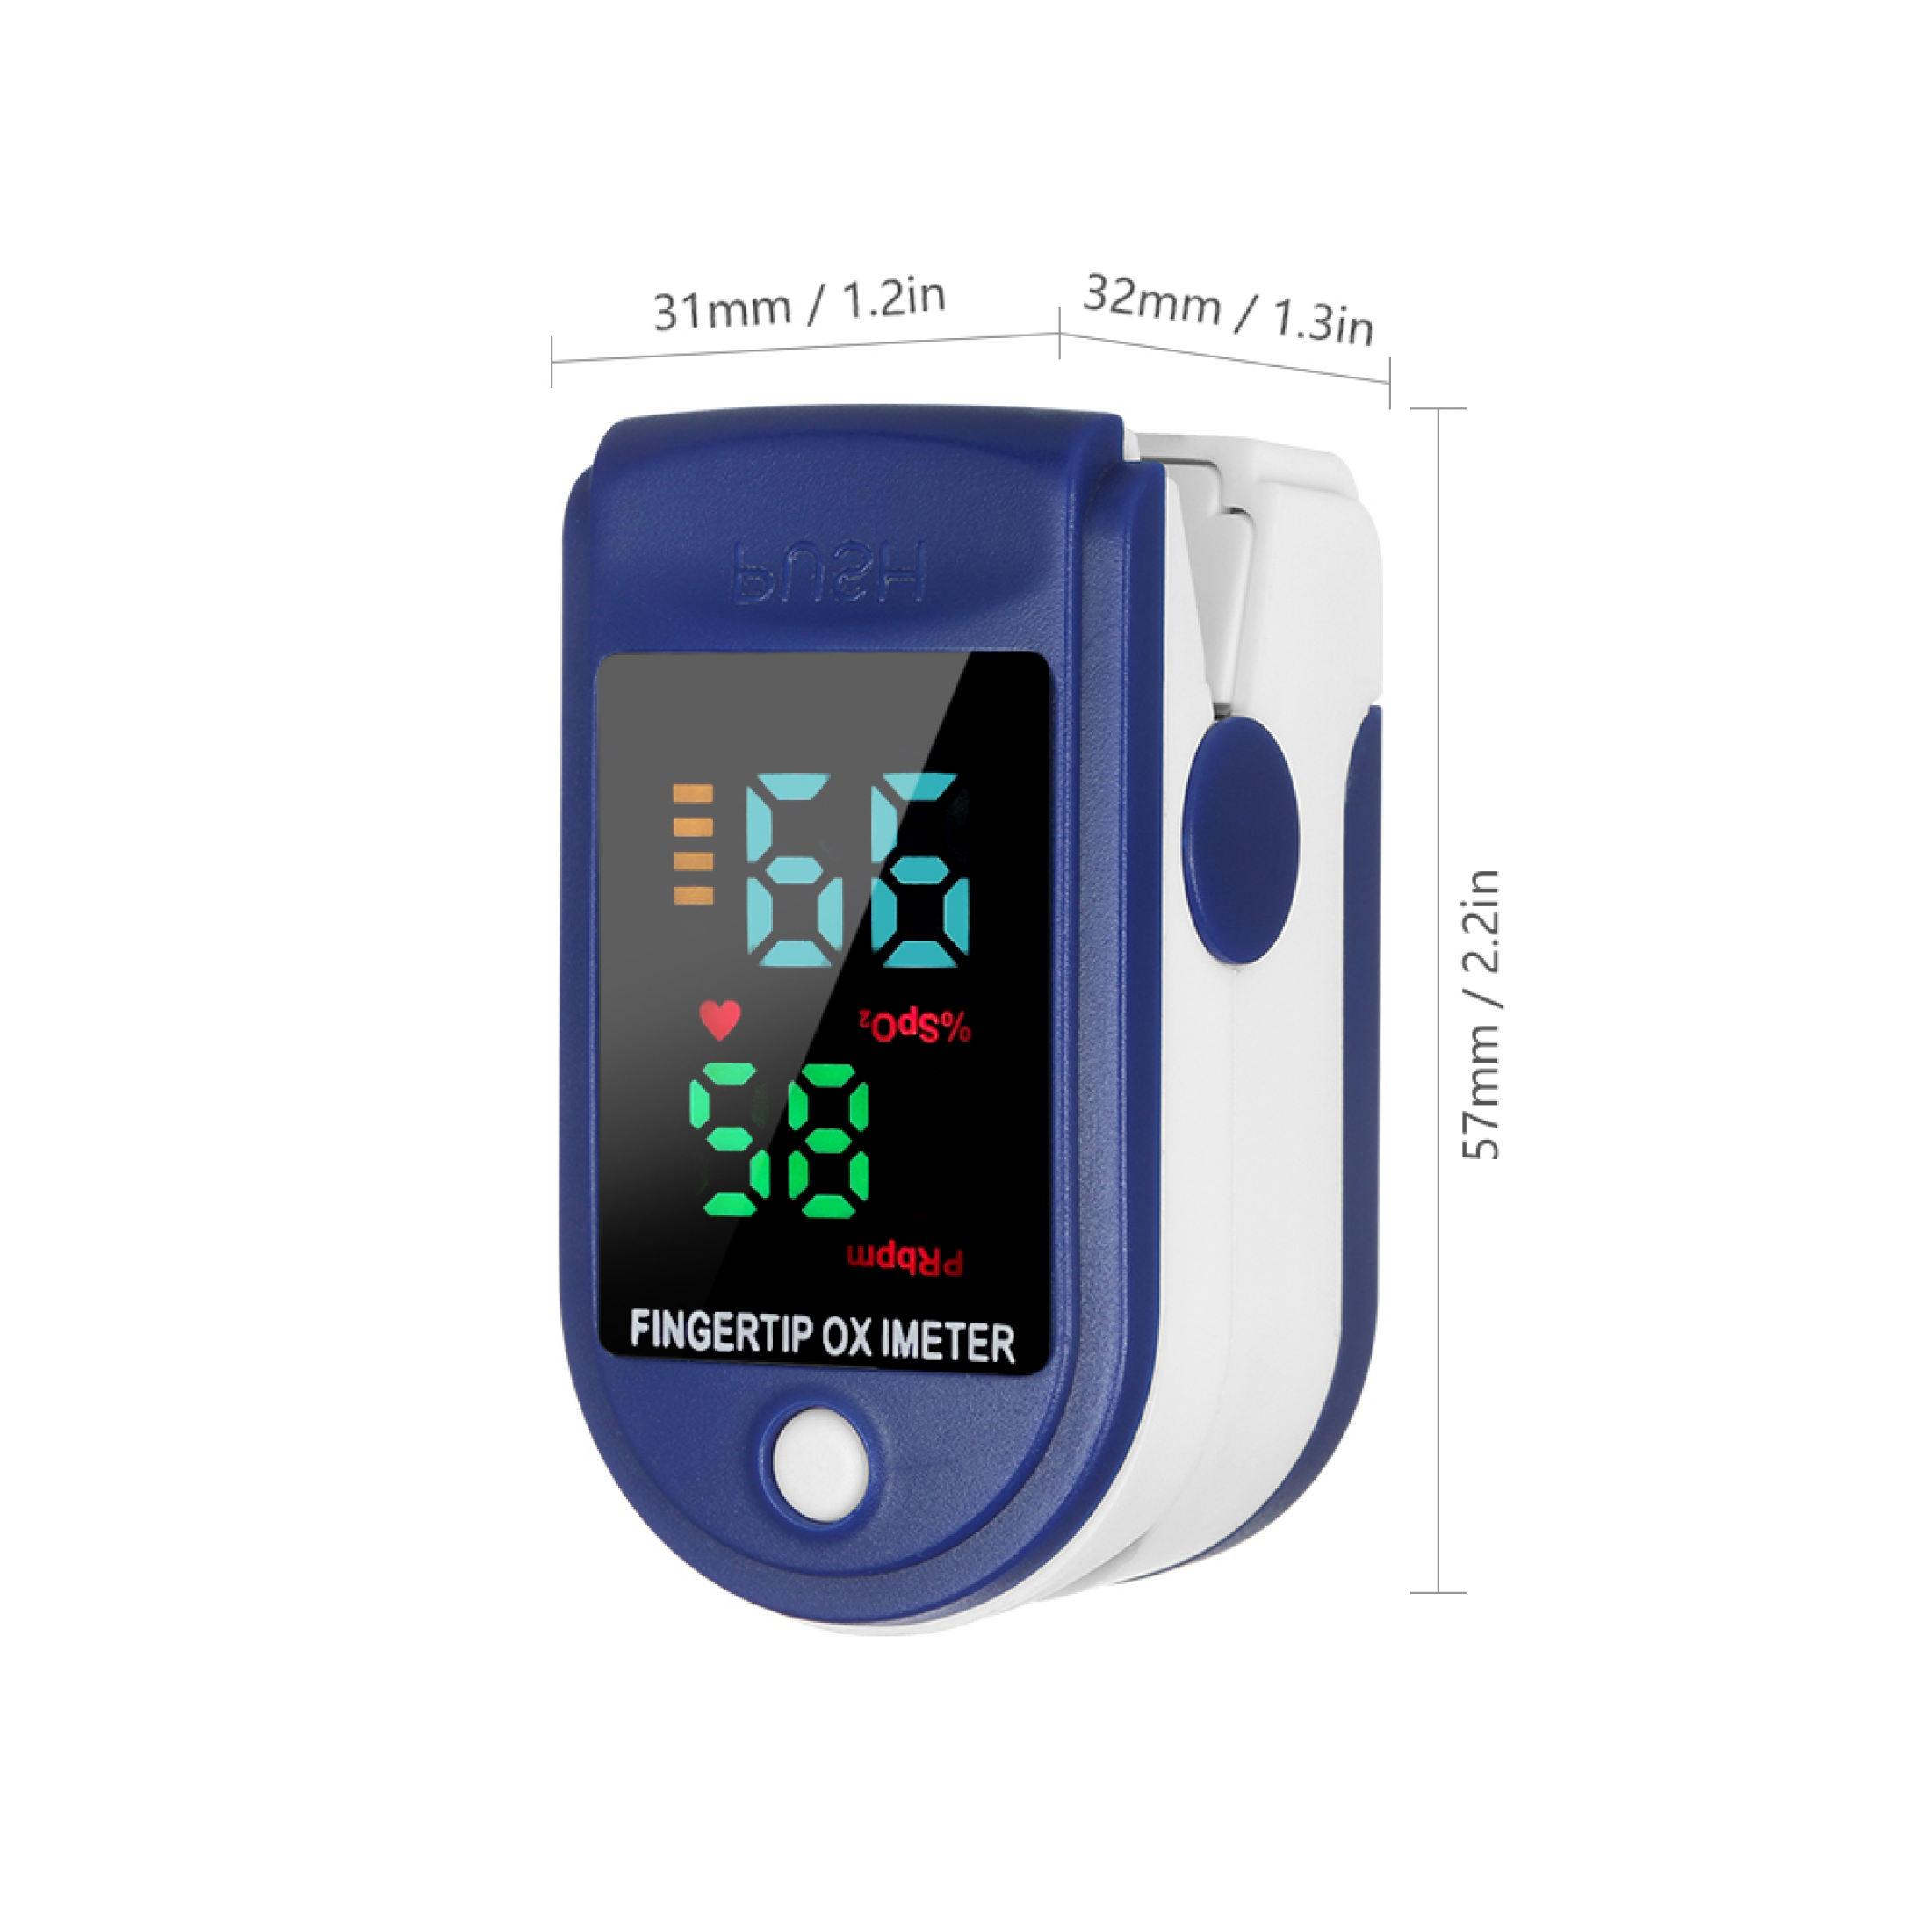 Máy Đo Nhịp Tim, Đo Nồng Độ Oxy Trong Máu Màn Hình Màu Tiện Lợi ,Nhỏ Gọn Tặng Kèm 2 Pin AAA ,1 Dây Đeo Tay 2